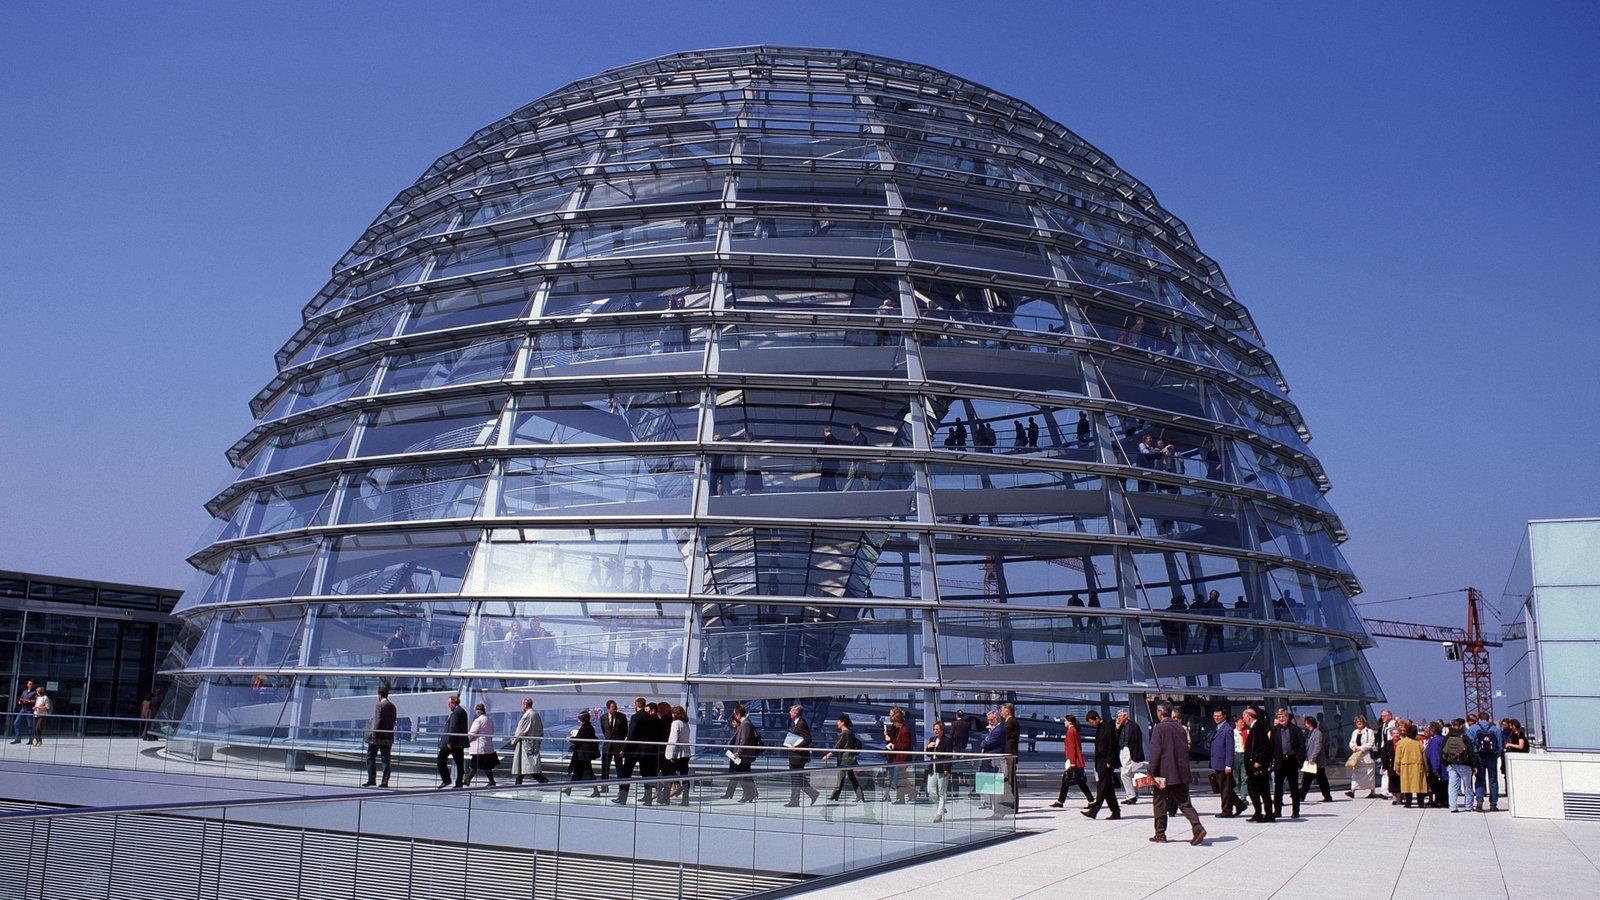 Deutscher Bundestag: Das Reichstagsgebäude - Deutsche ...  Deutscher Bunde...